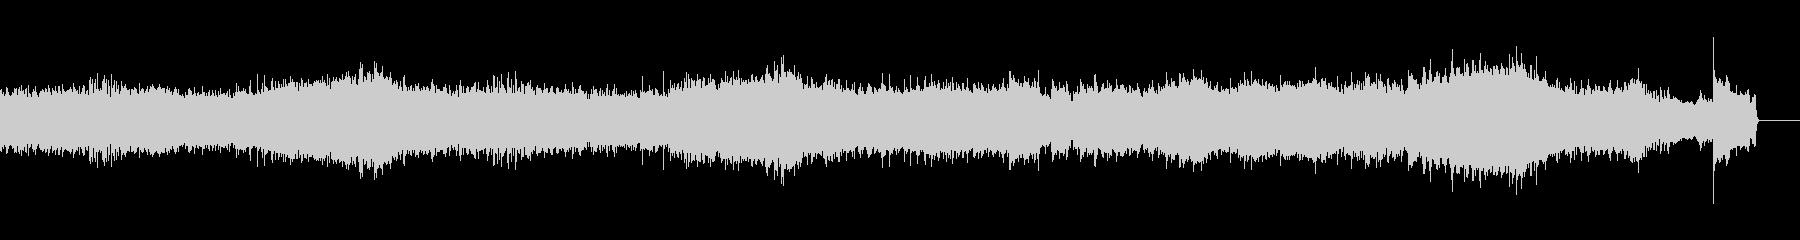 クープランの墓より第一楽章前奏曲の未再生の波形